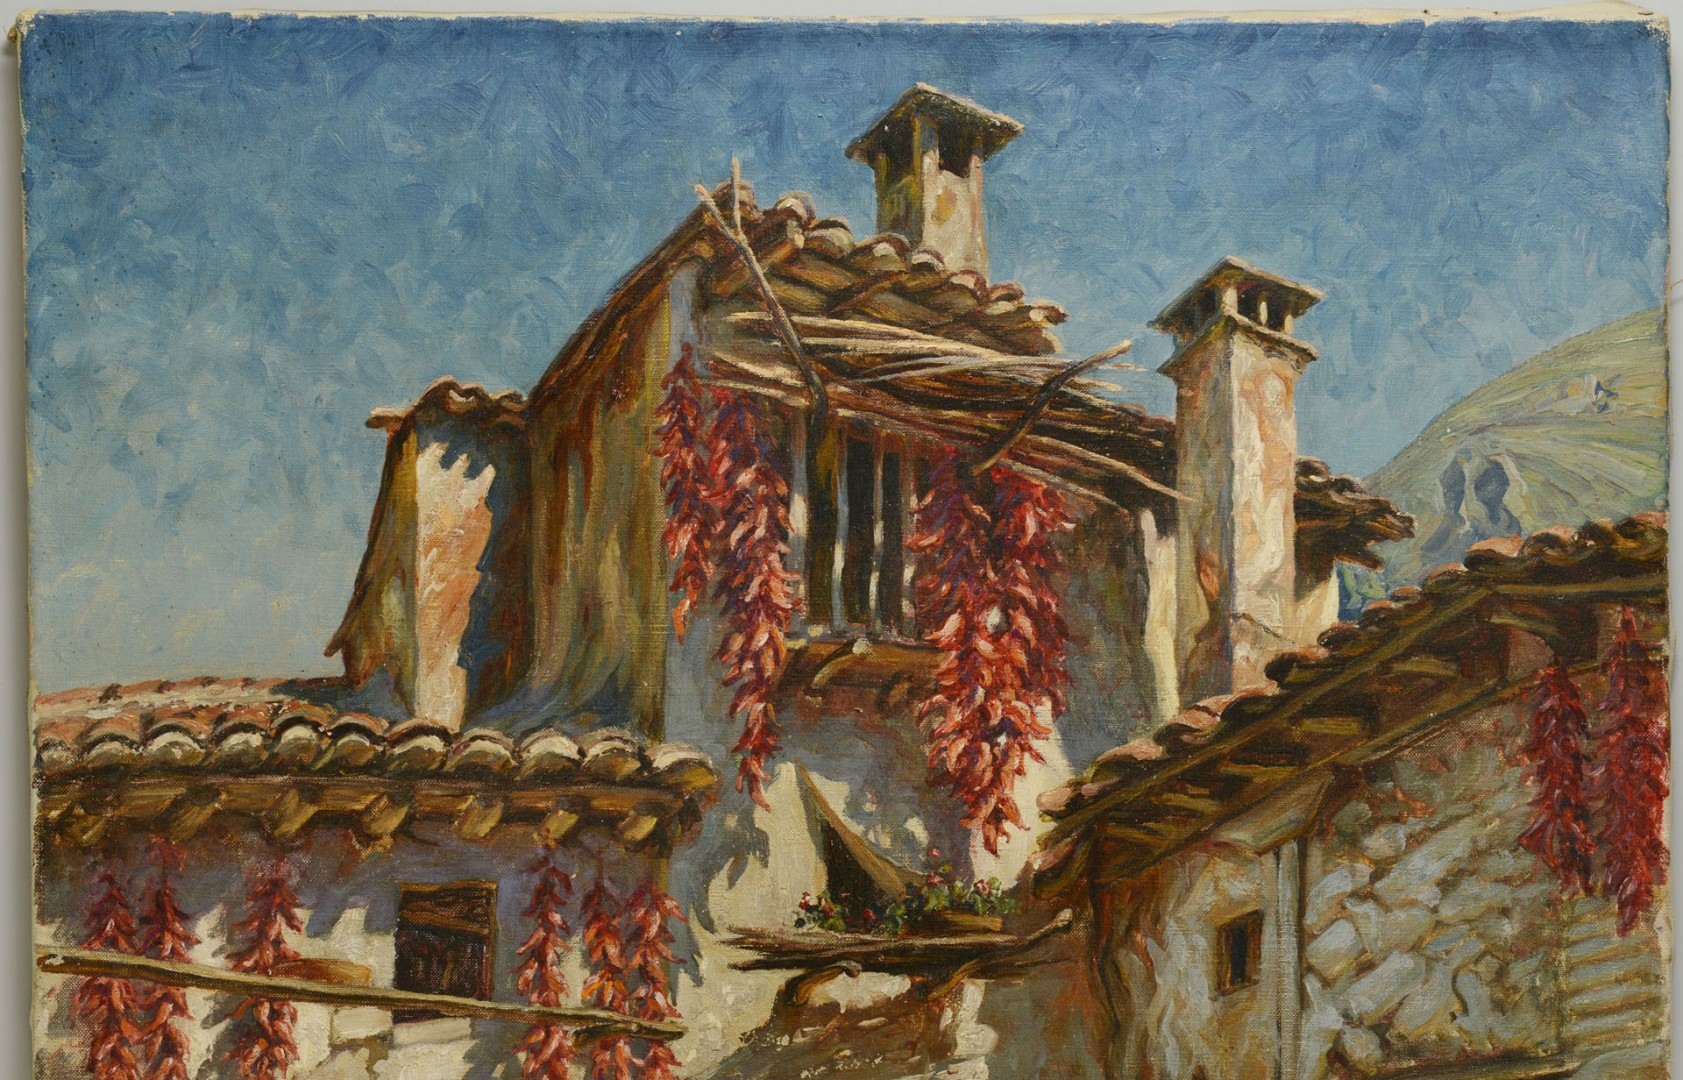 Paul Sollmann, Oil on Canvas, Spanish Courtyard